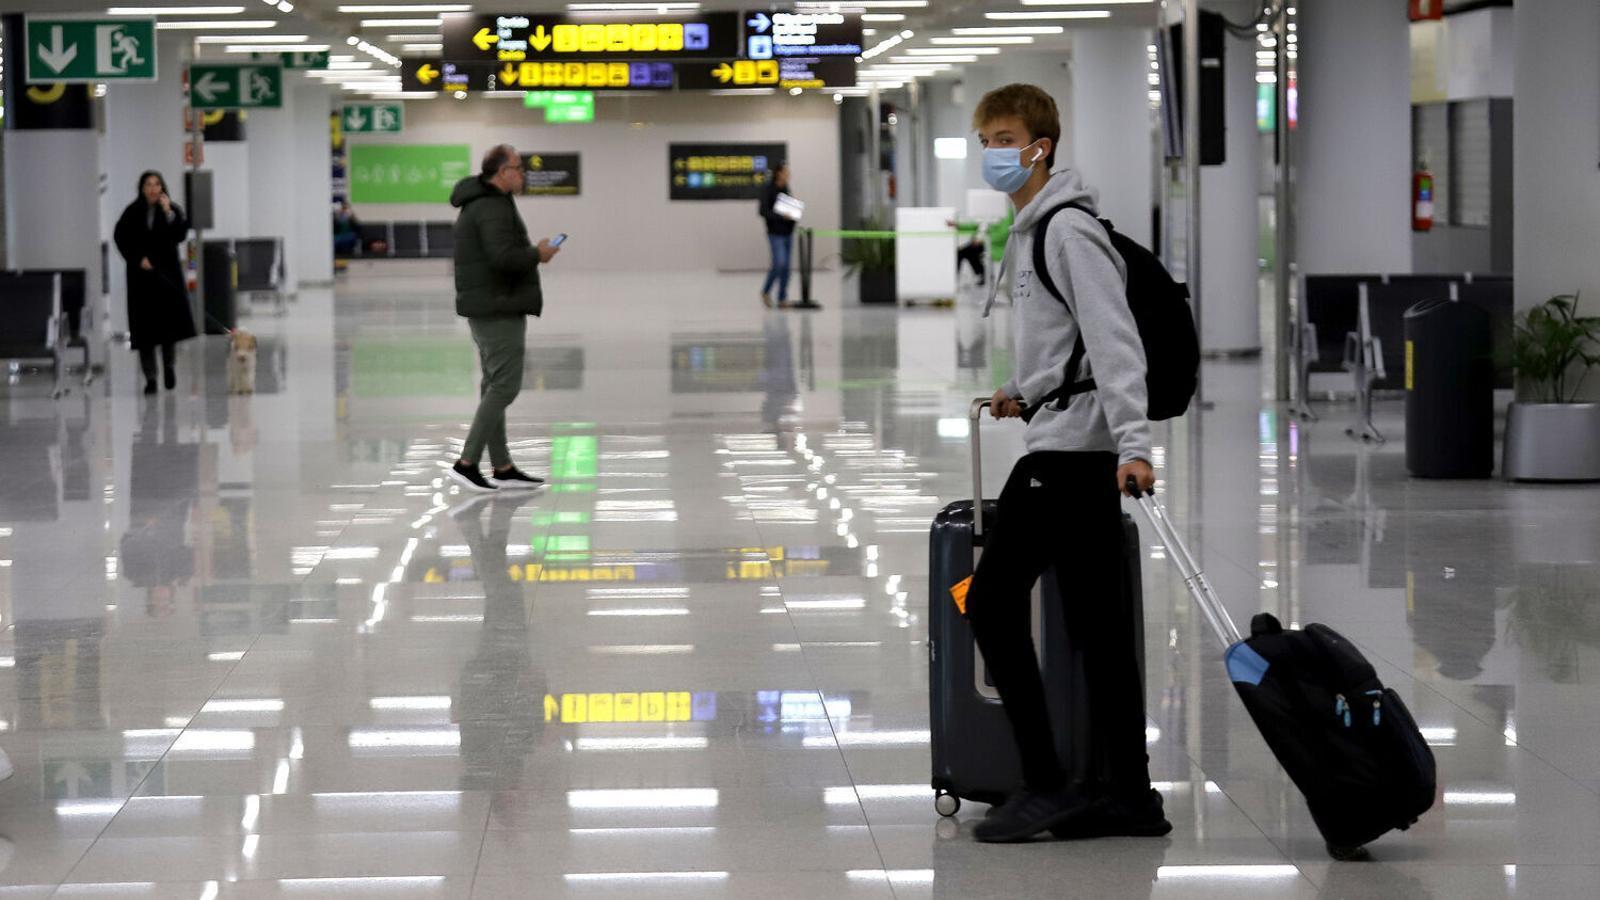 Molts pocs passatgers recorren aquests dies les instal·lacions de l'aeroport de Palma